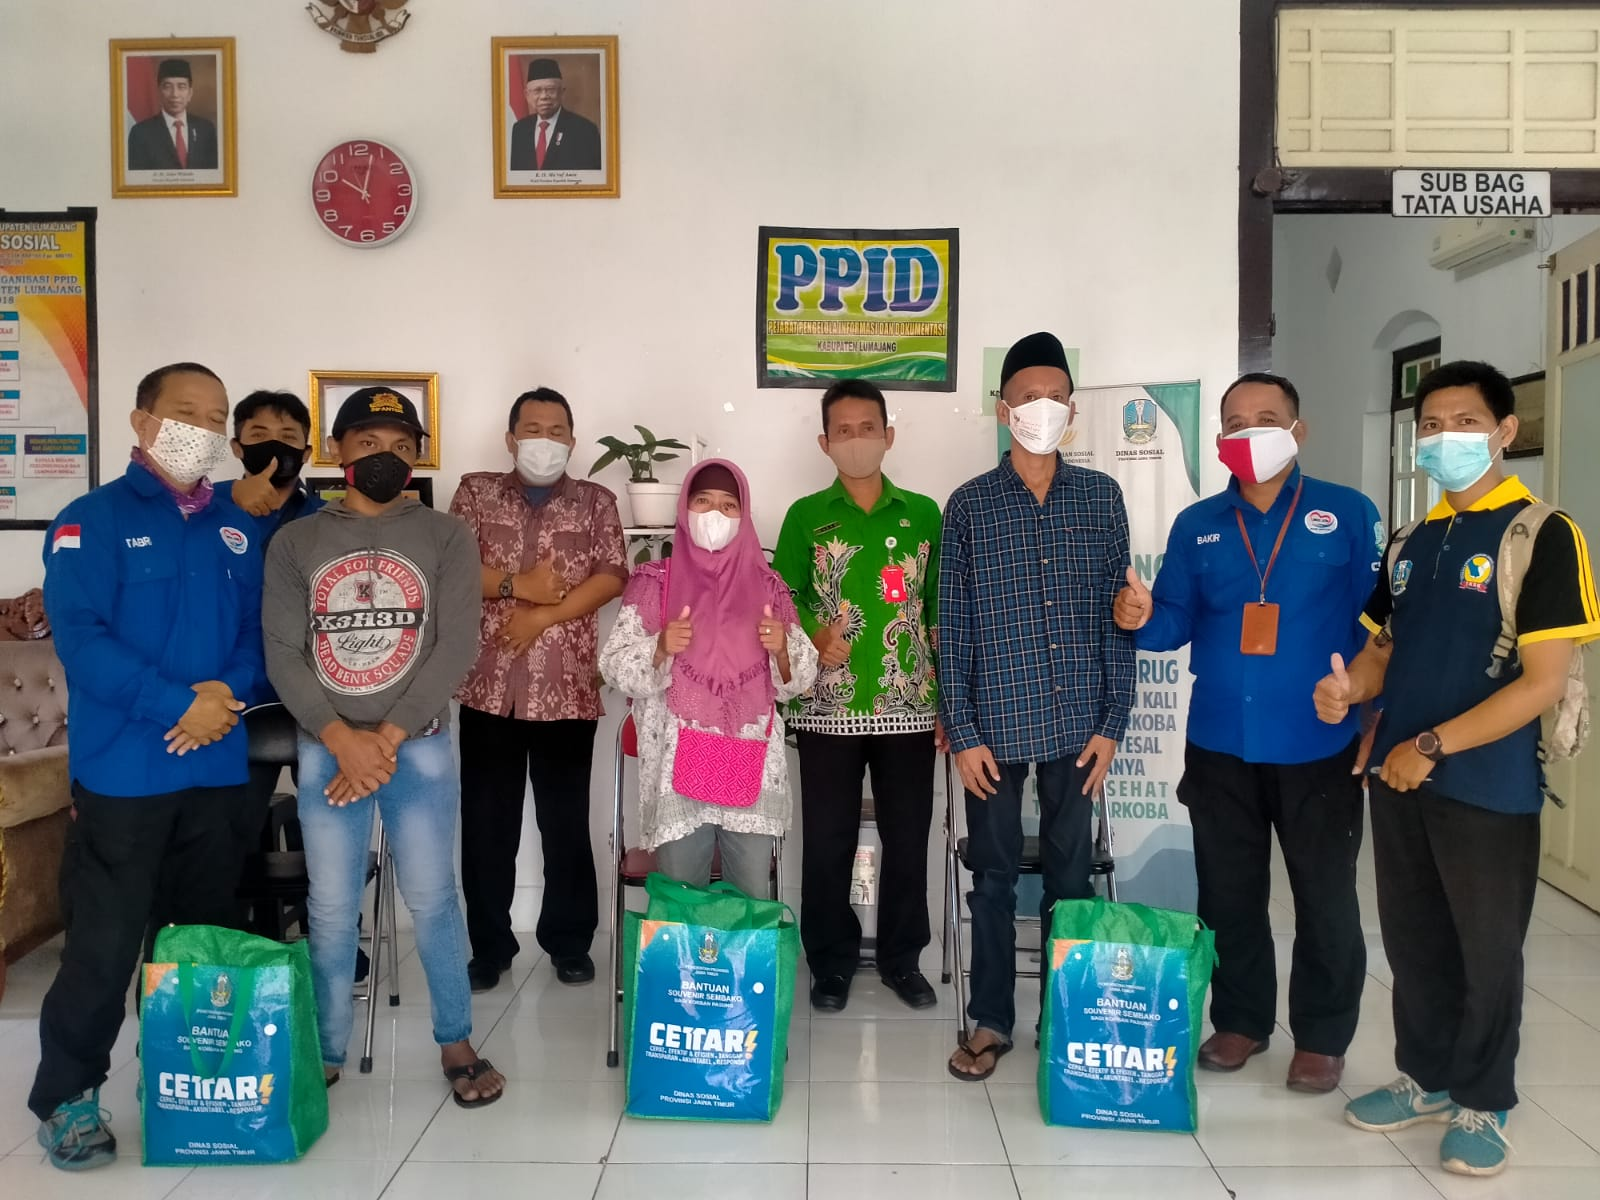 Penyerahan Souvenir paket Sembako bagi korban pasung  dari Dinas Sosial Propinsi Jawa Timur